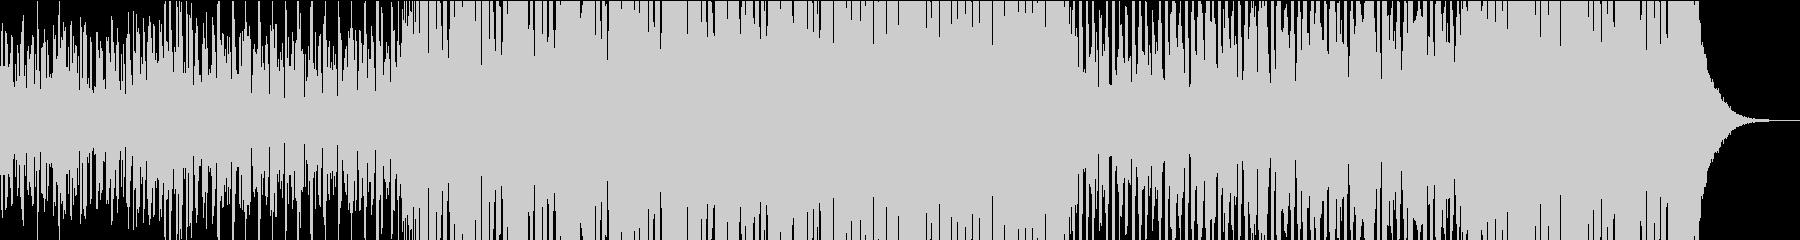 ポップ テクノ ファンク ディスコ...の未再生の波形